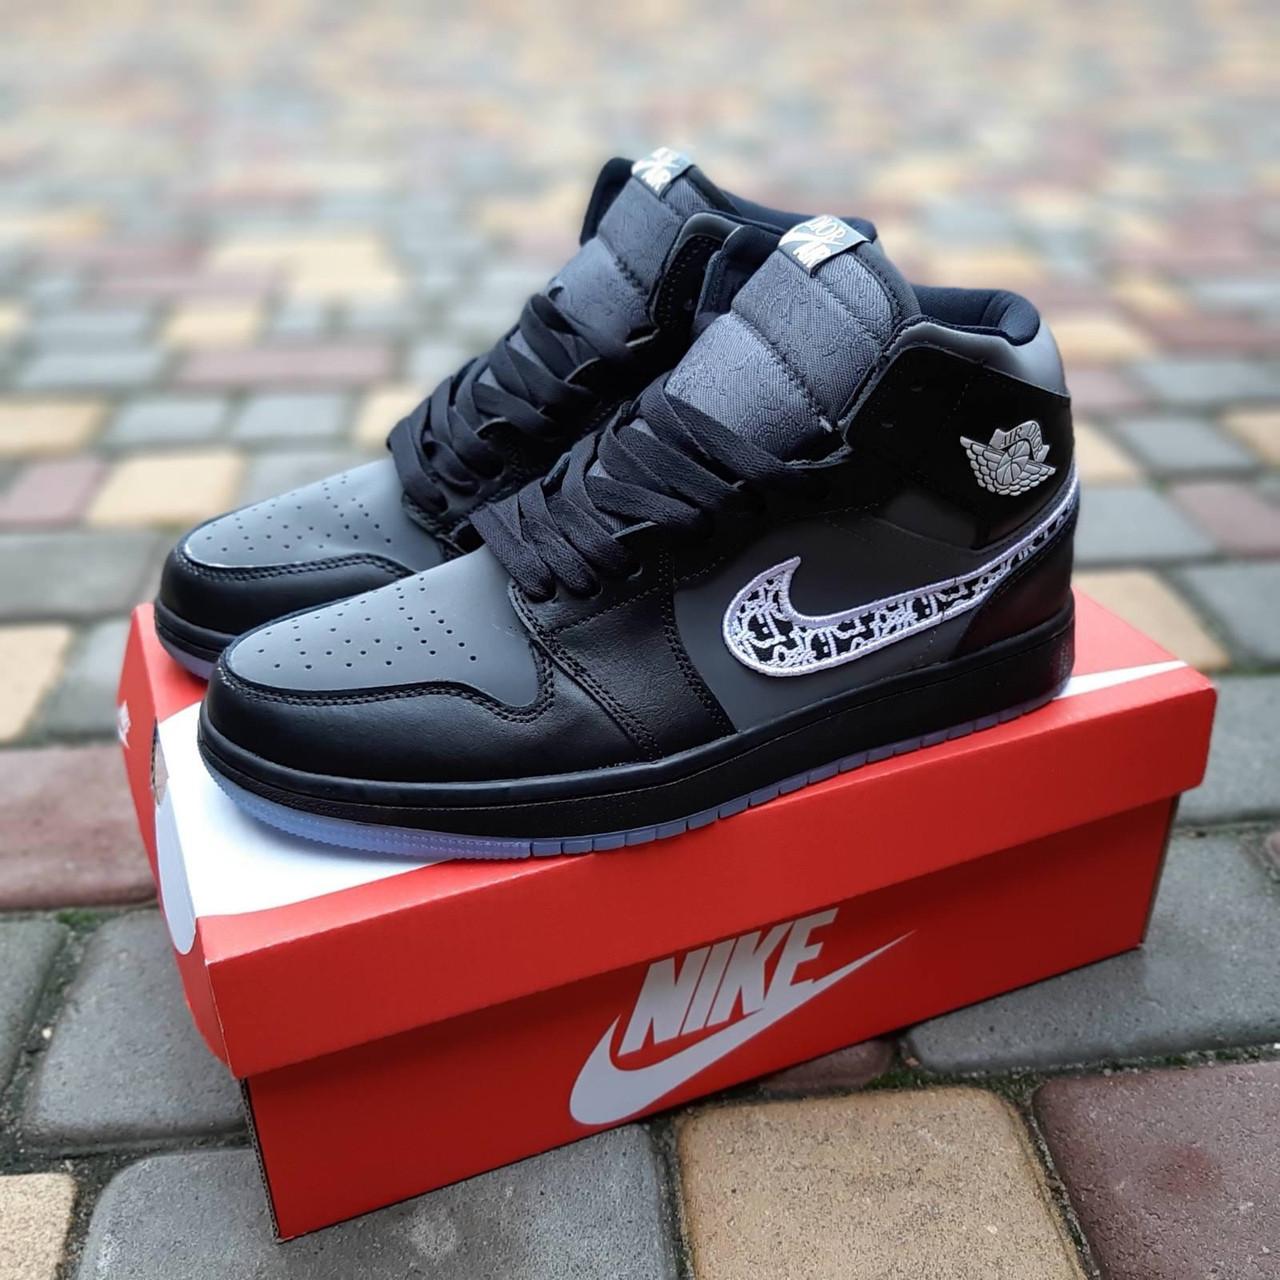 Мужские рефлективные кроссовки Nike Air Jordan 1 Retro High Dior (черные) 10317